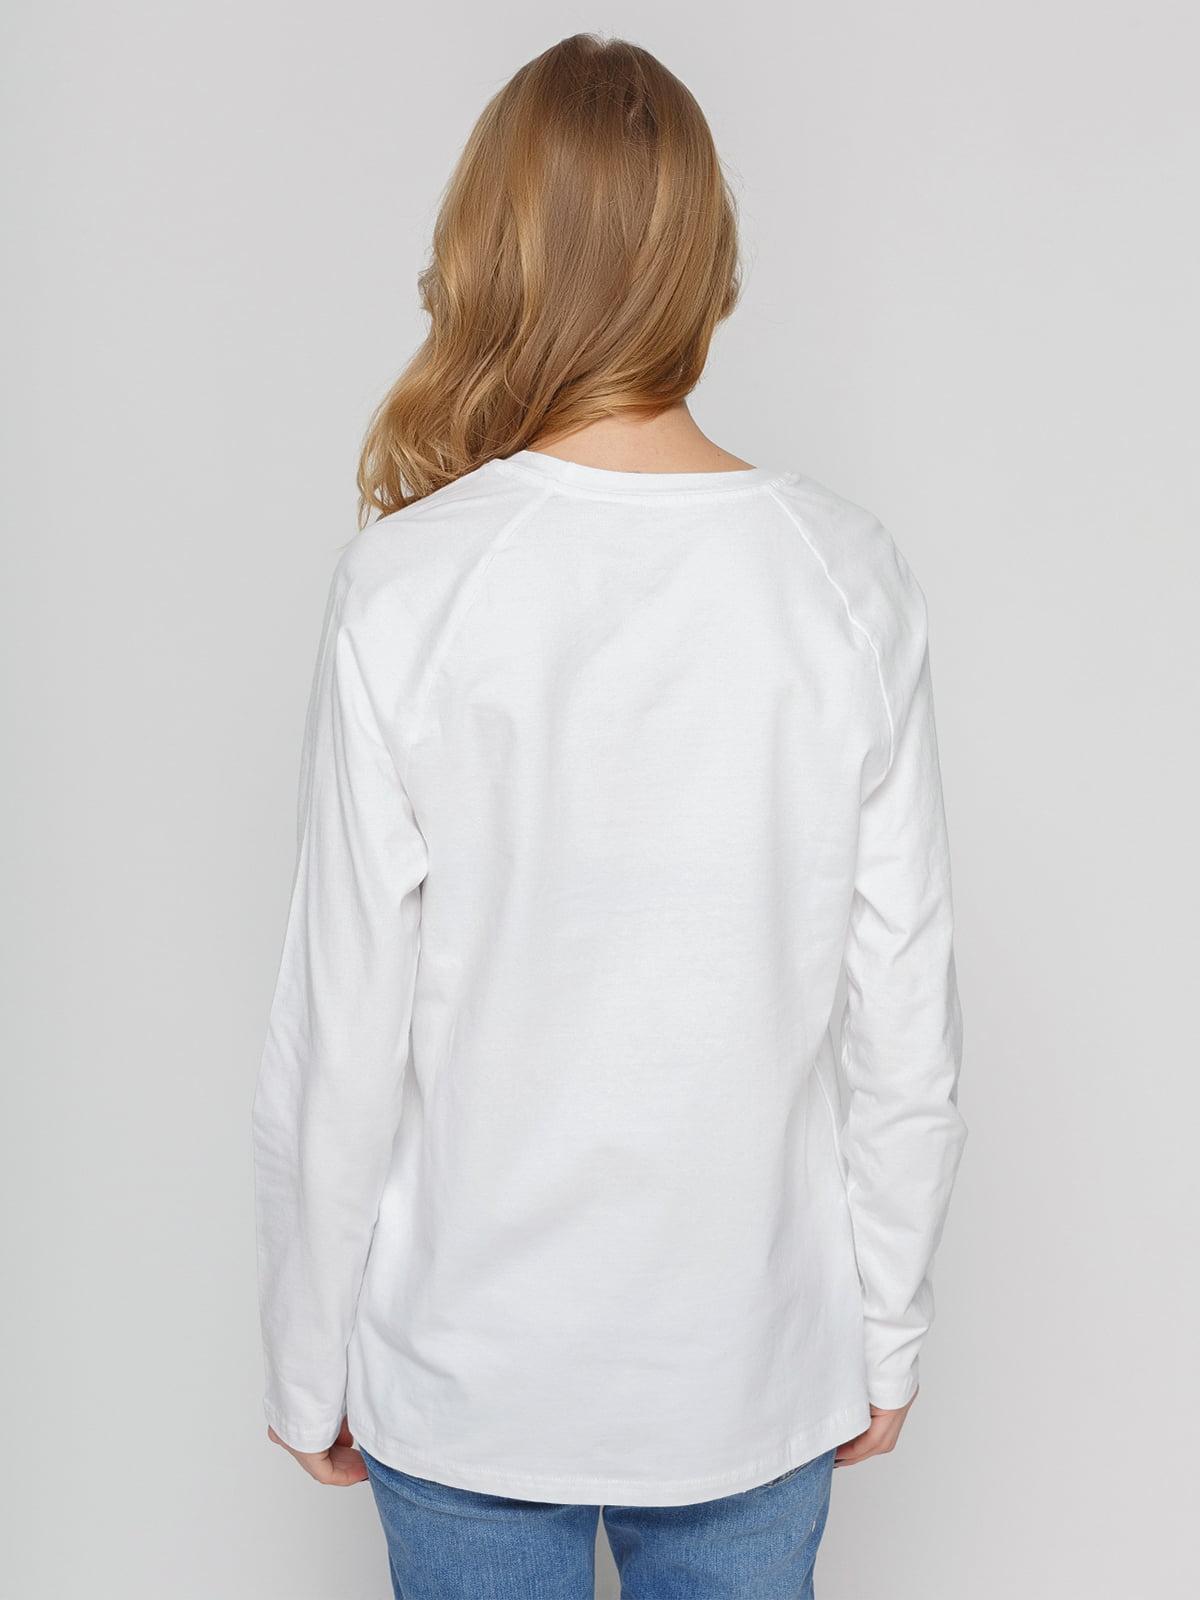 Реглан білий з принтом | 4861798 | фото 2